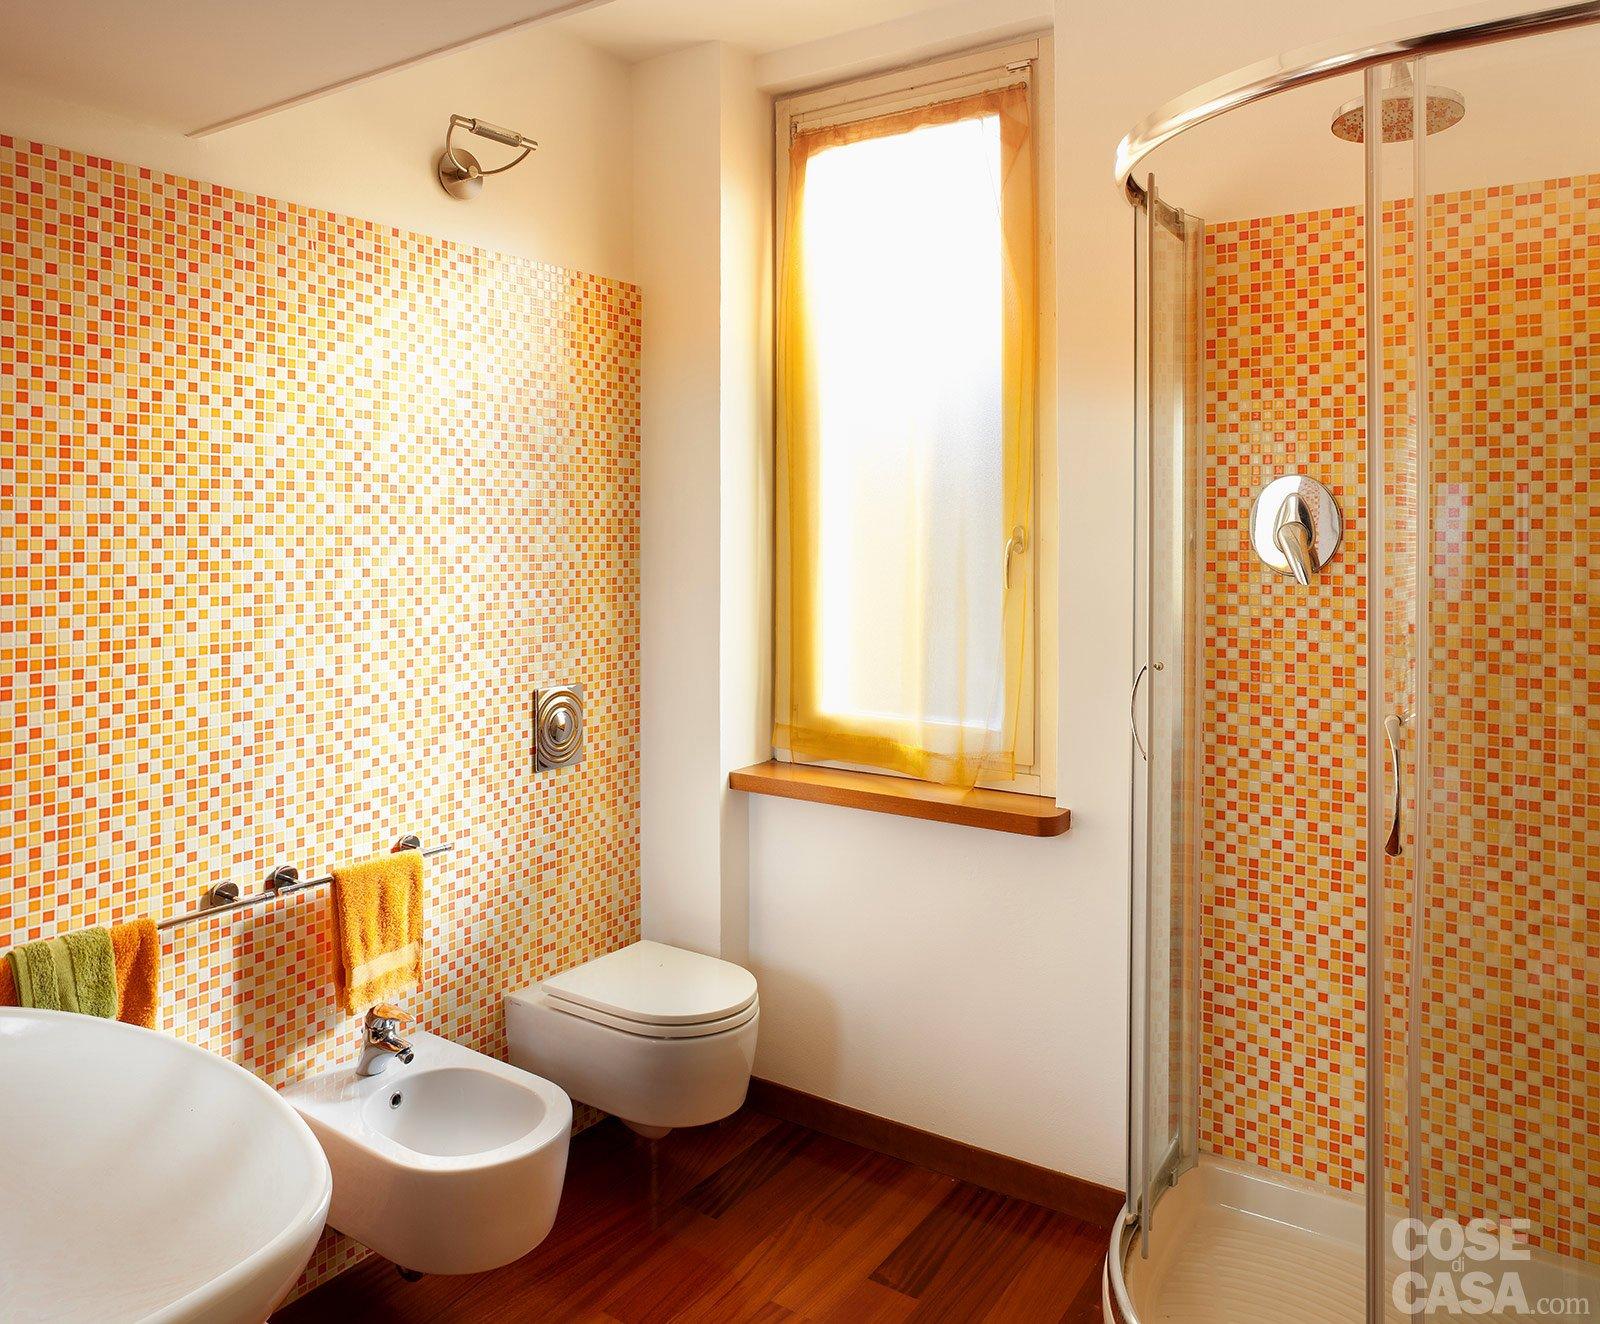 Una casa con vani a scomparsa cose di casa - Bagno mosaico rosso ...